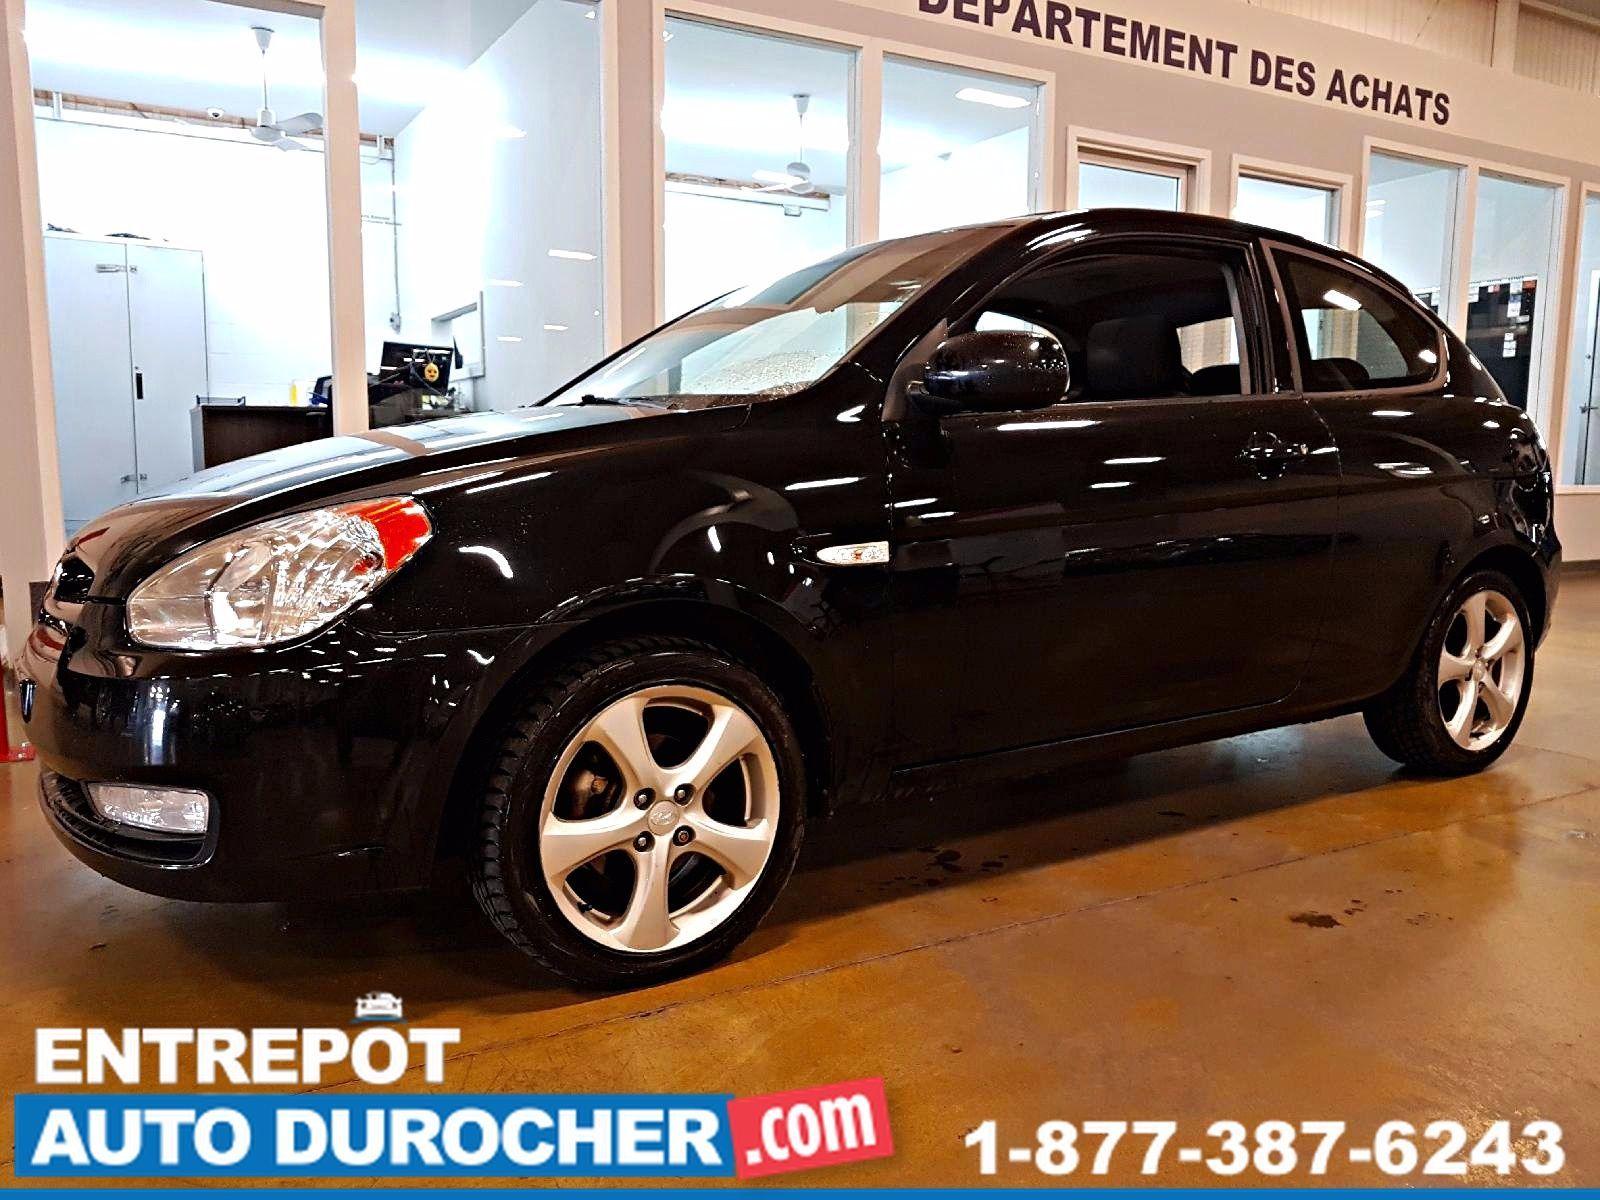 2011 Hyundai Accent AUTOMATIQUE - ÉCONOMIQUE